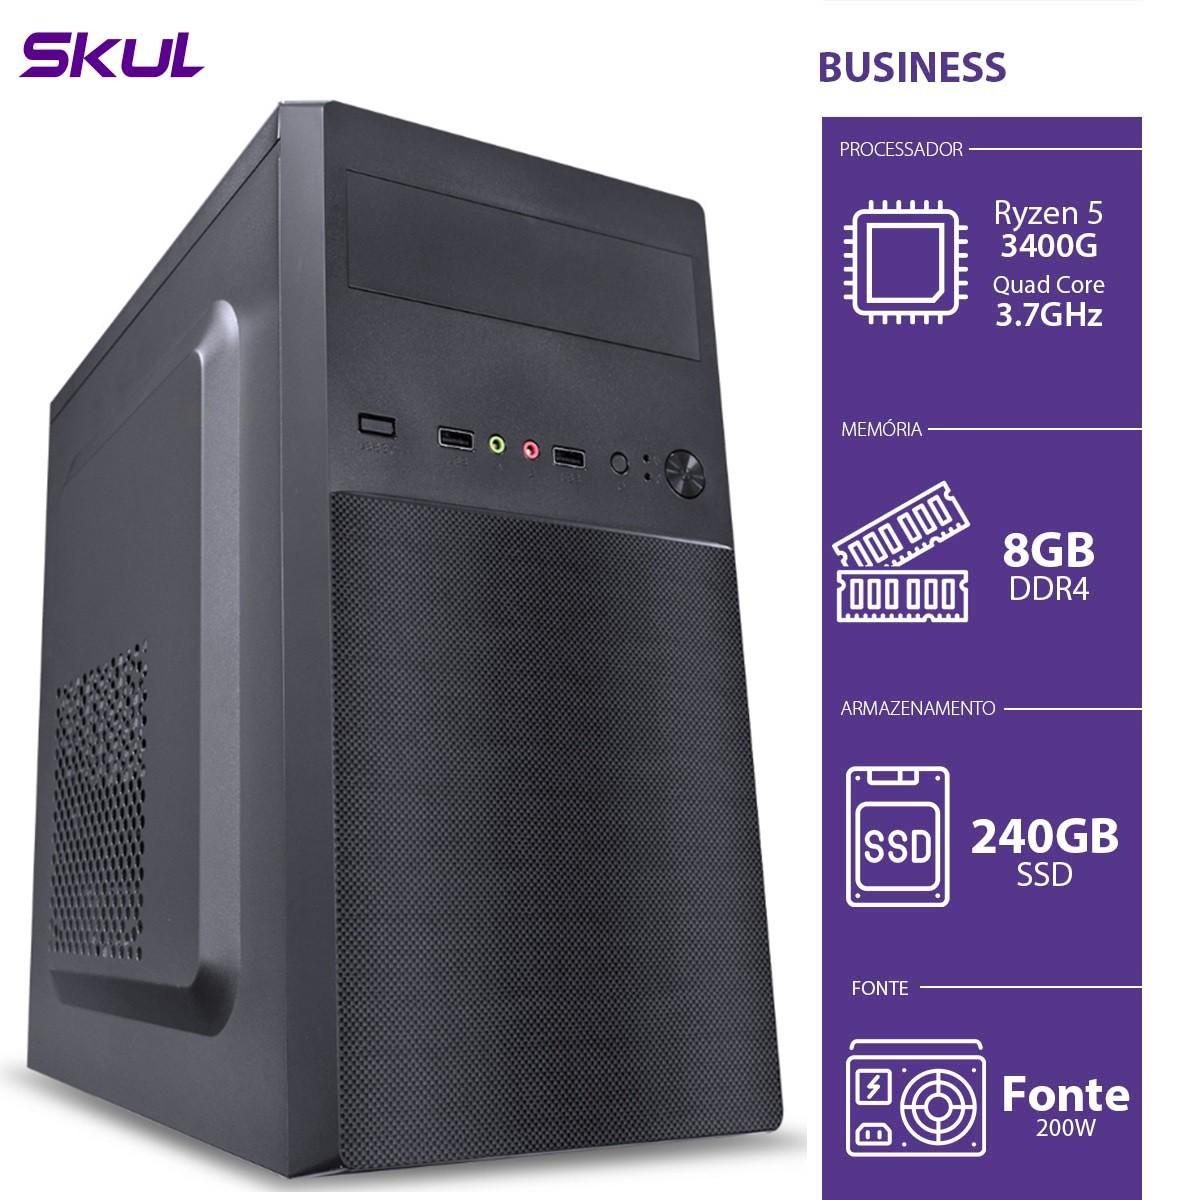 Computador Business B500 - RYZEN 5 3400G 3.7GHZ 8GB DDR4 SSD 240GB HDMI/VGA Fonte 200W